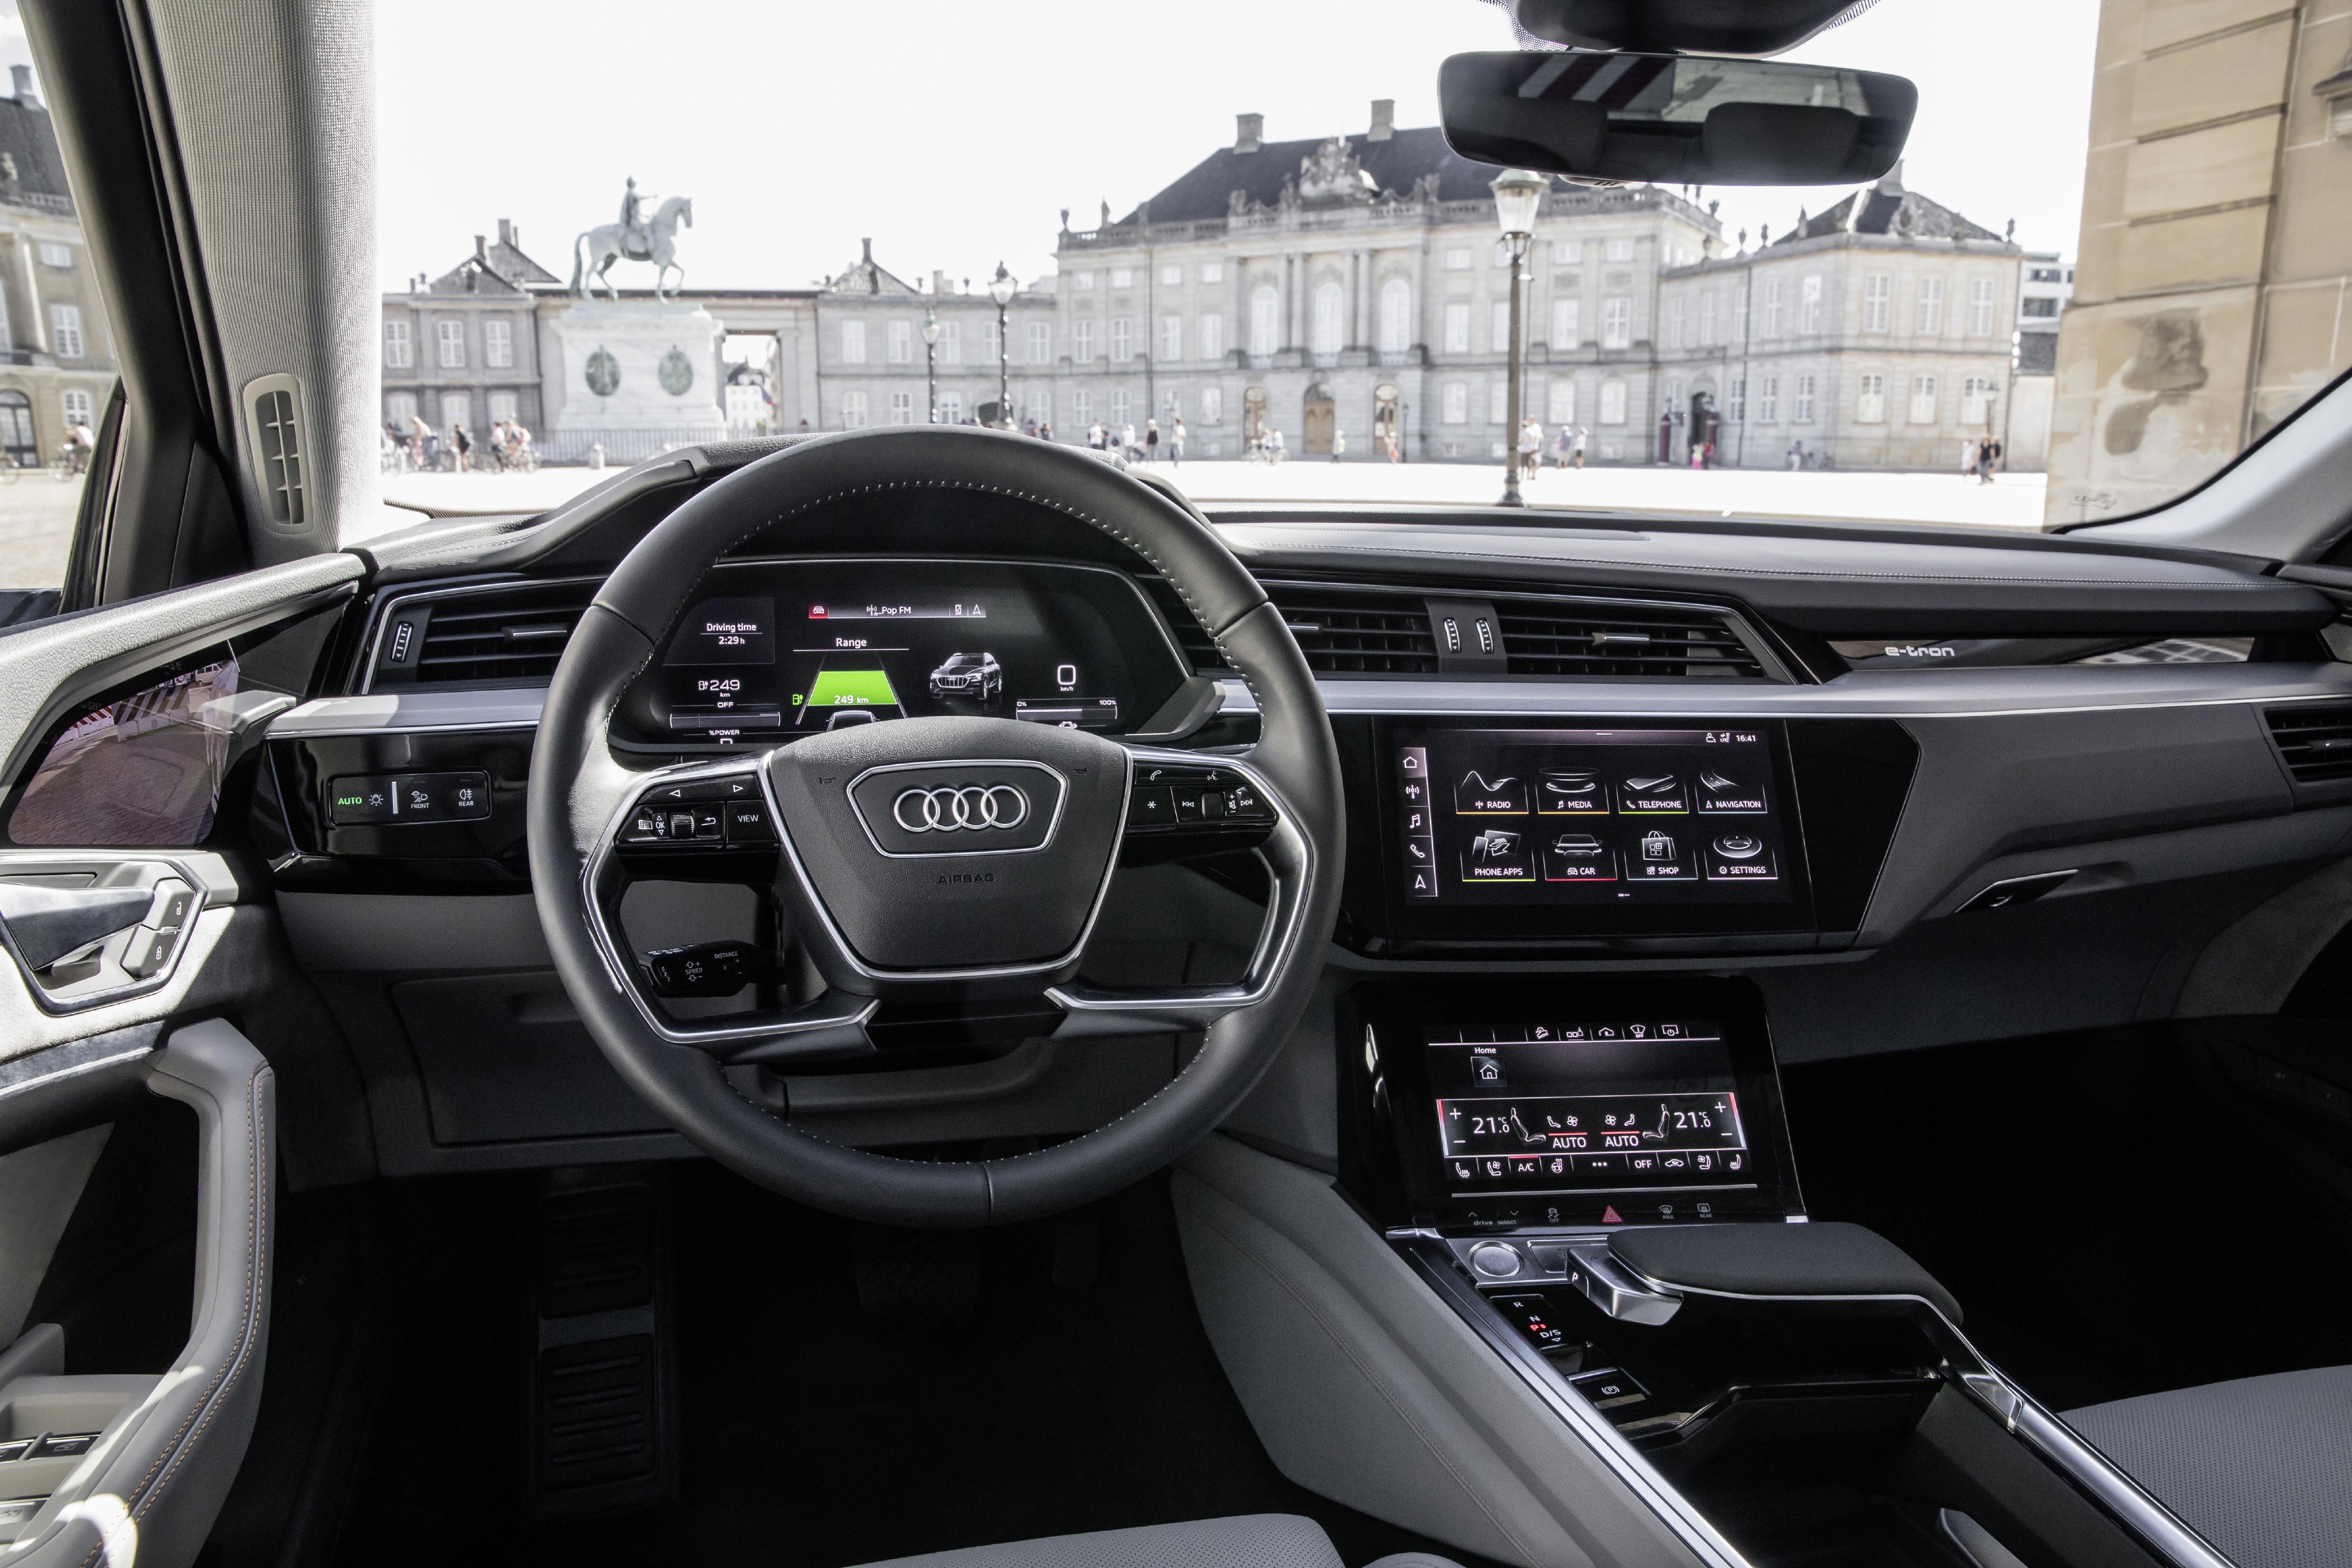 Se rykende ferske bilder av Audi e-tron-interiøet - speilene er byttet ut med kameraer.